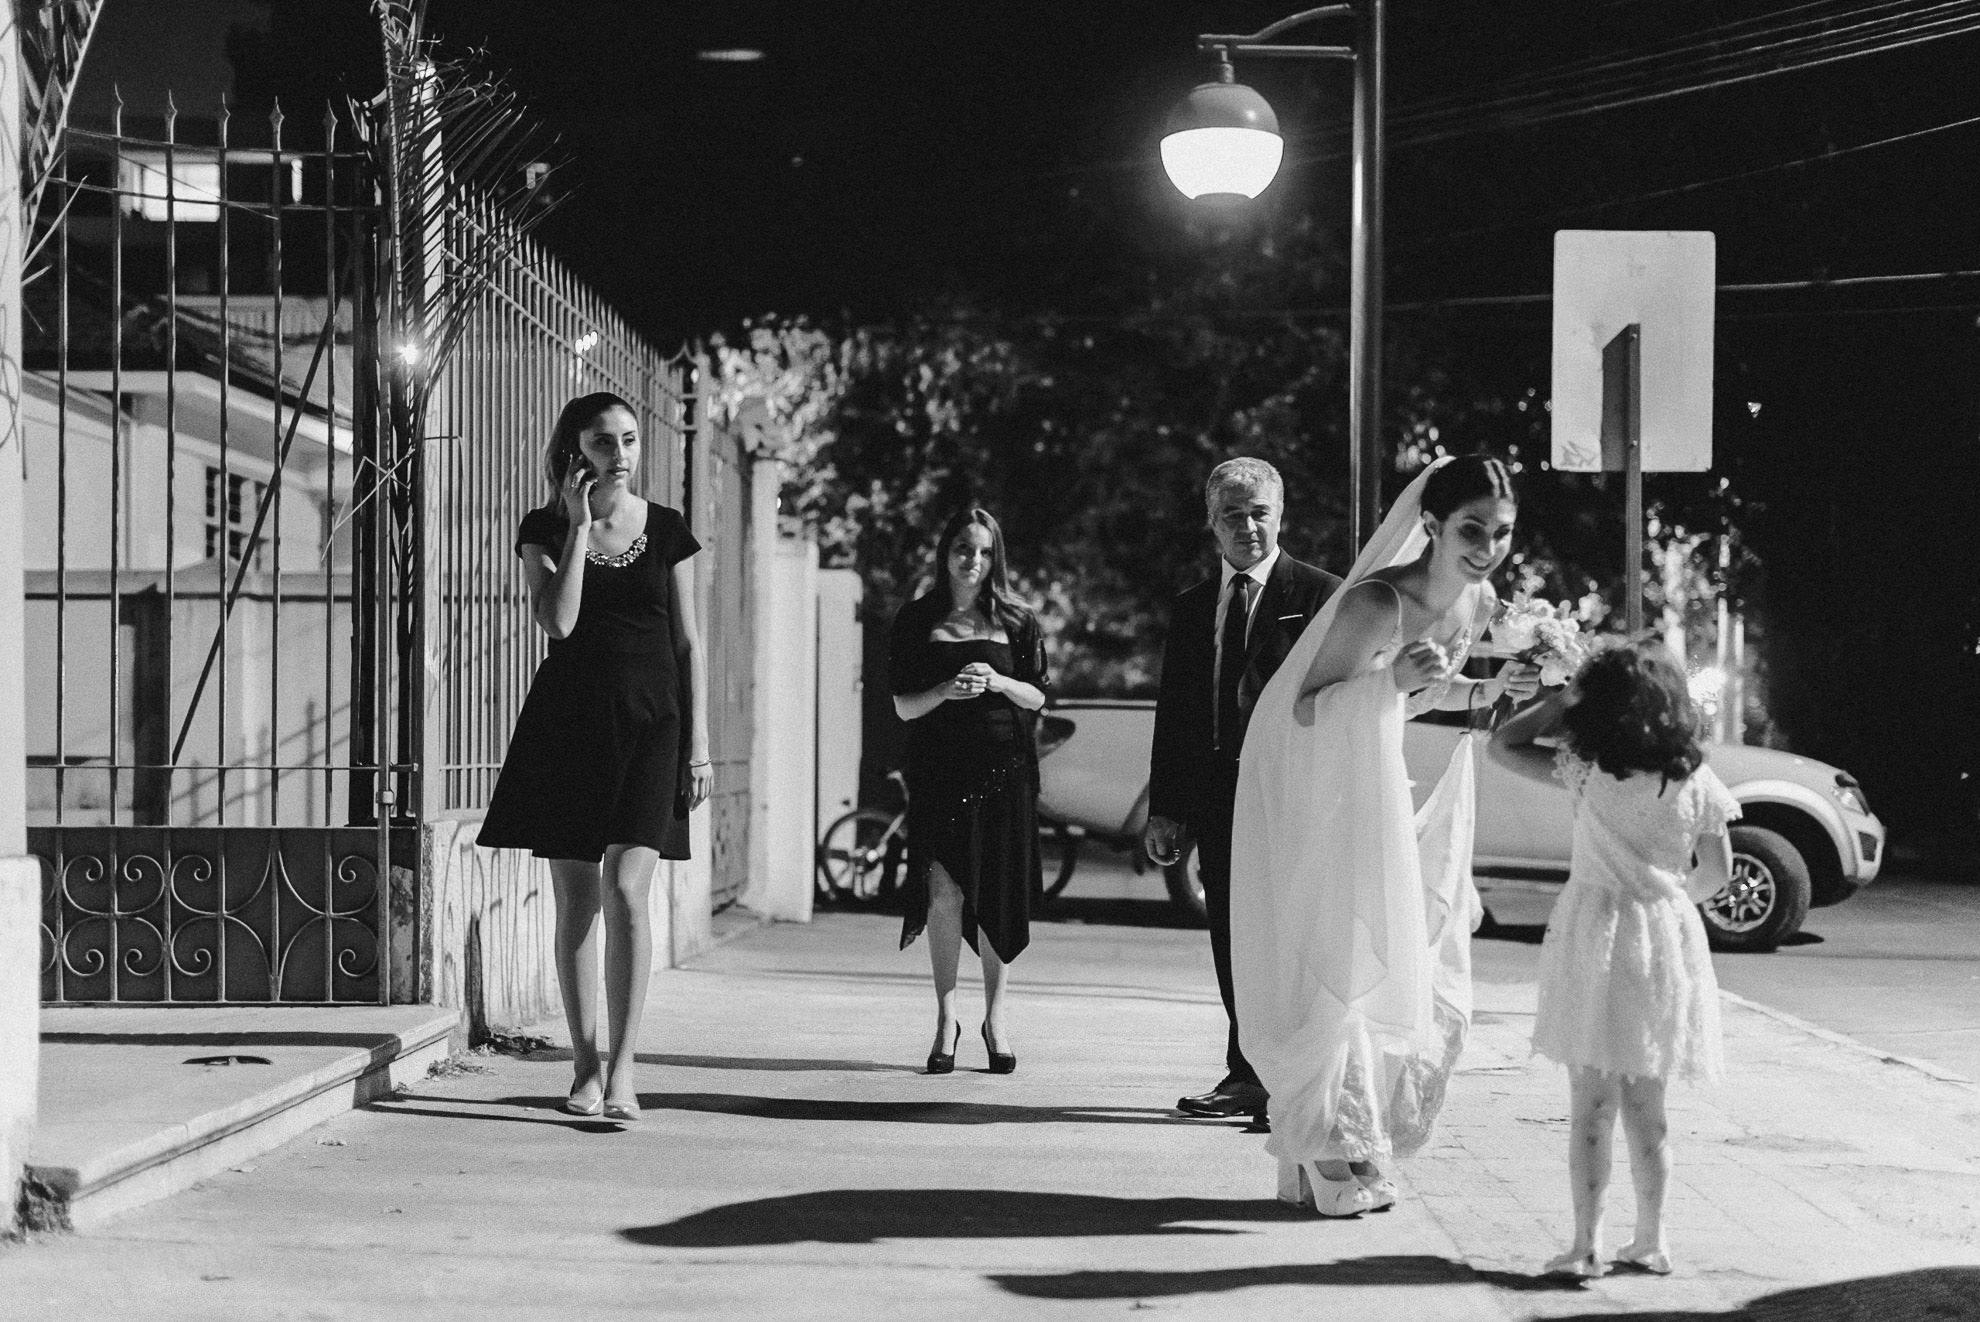 fotografo matrimonio_012.jpg